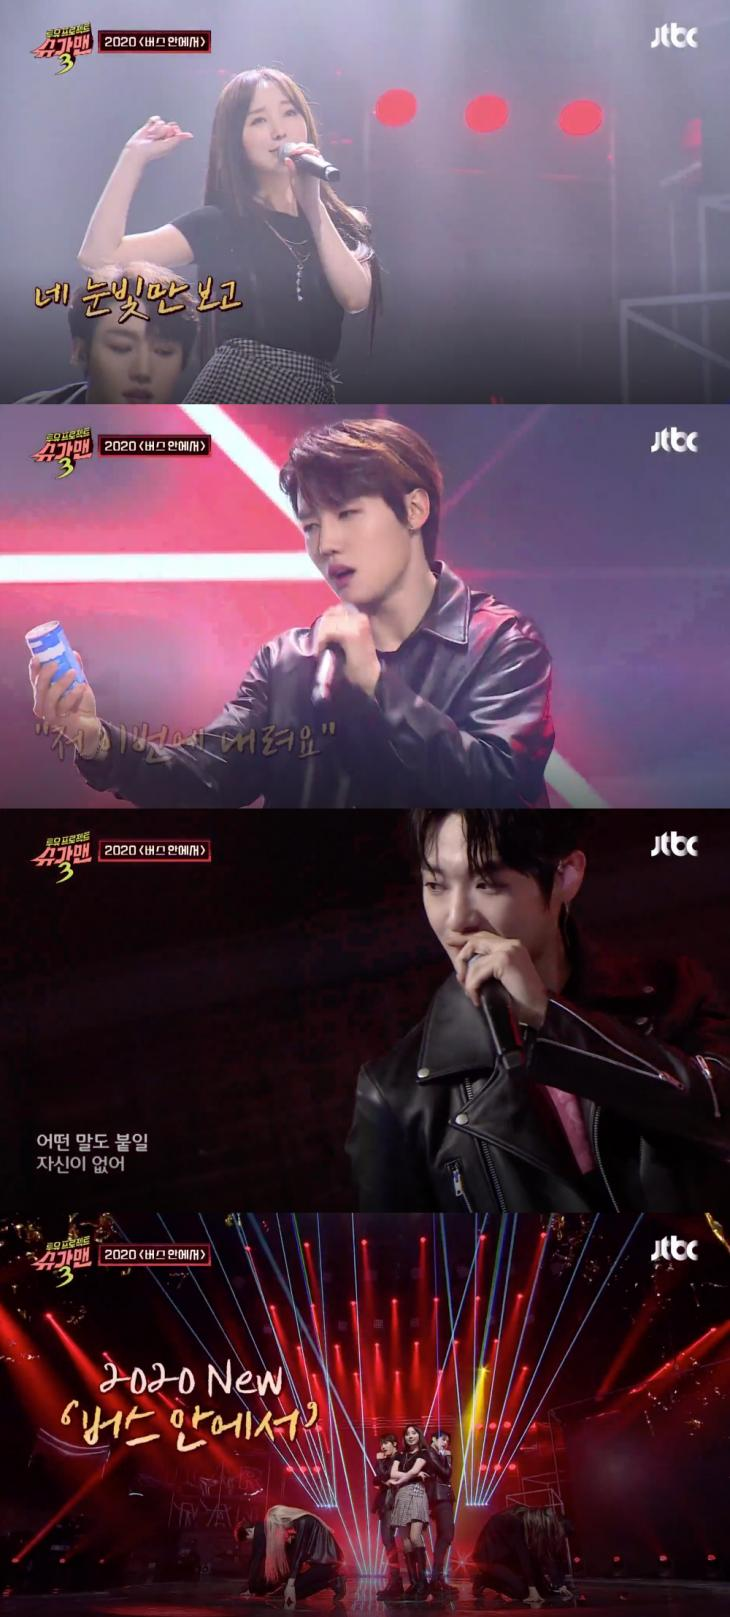 JTBC '투유 프로젝트-슈가맨3' 방송 캡처